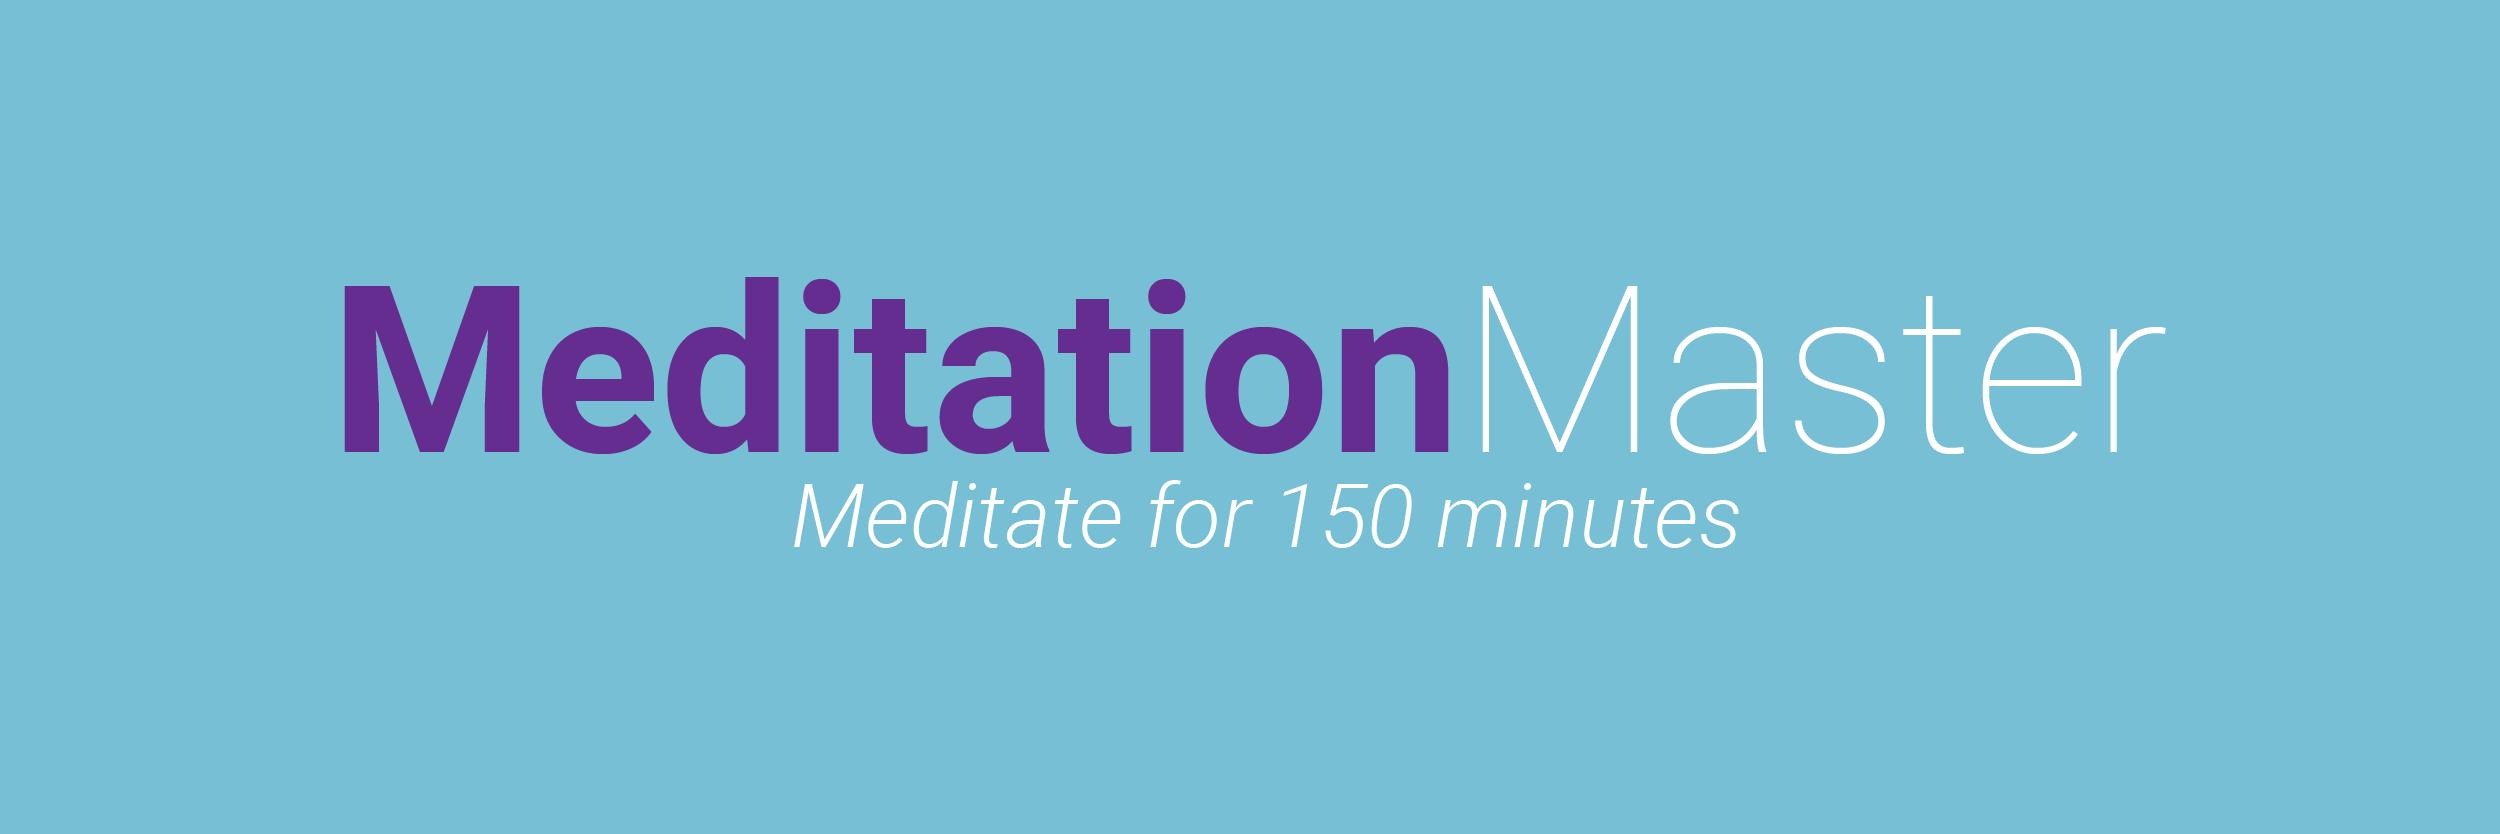 Meditation Master-01-3